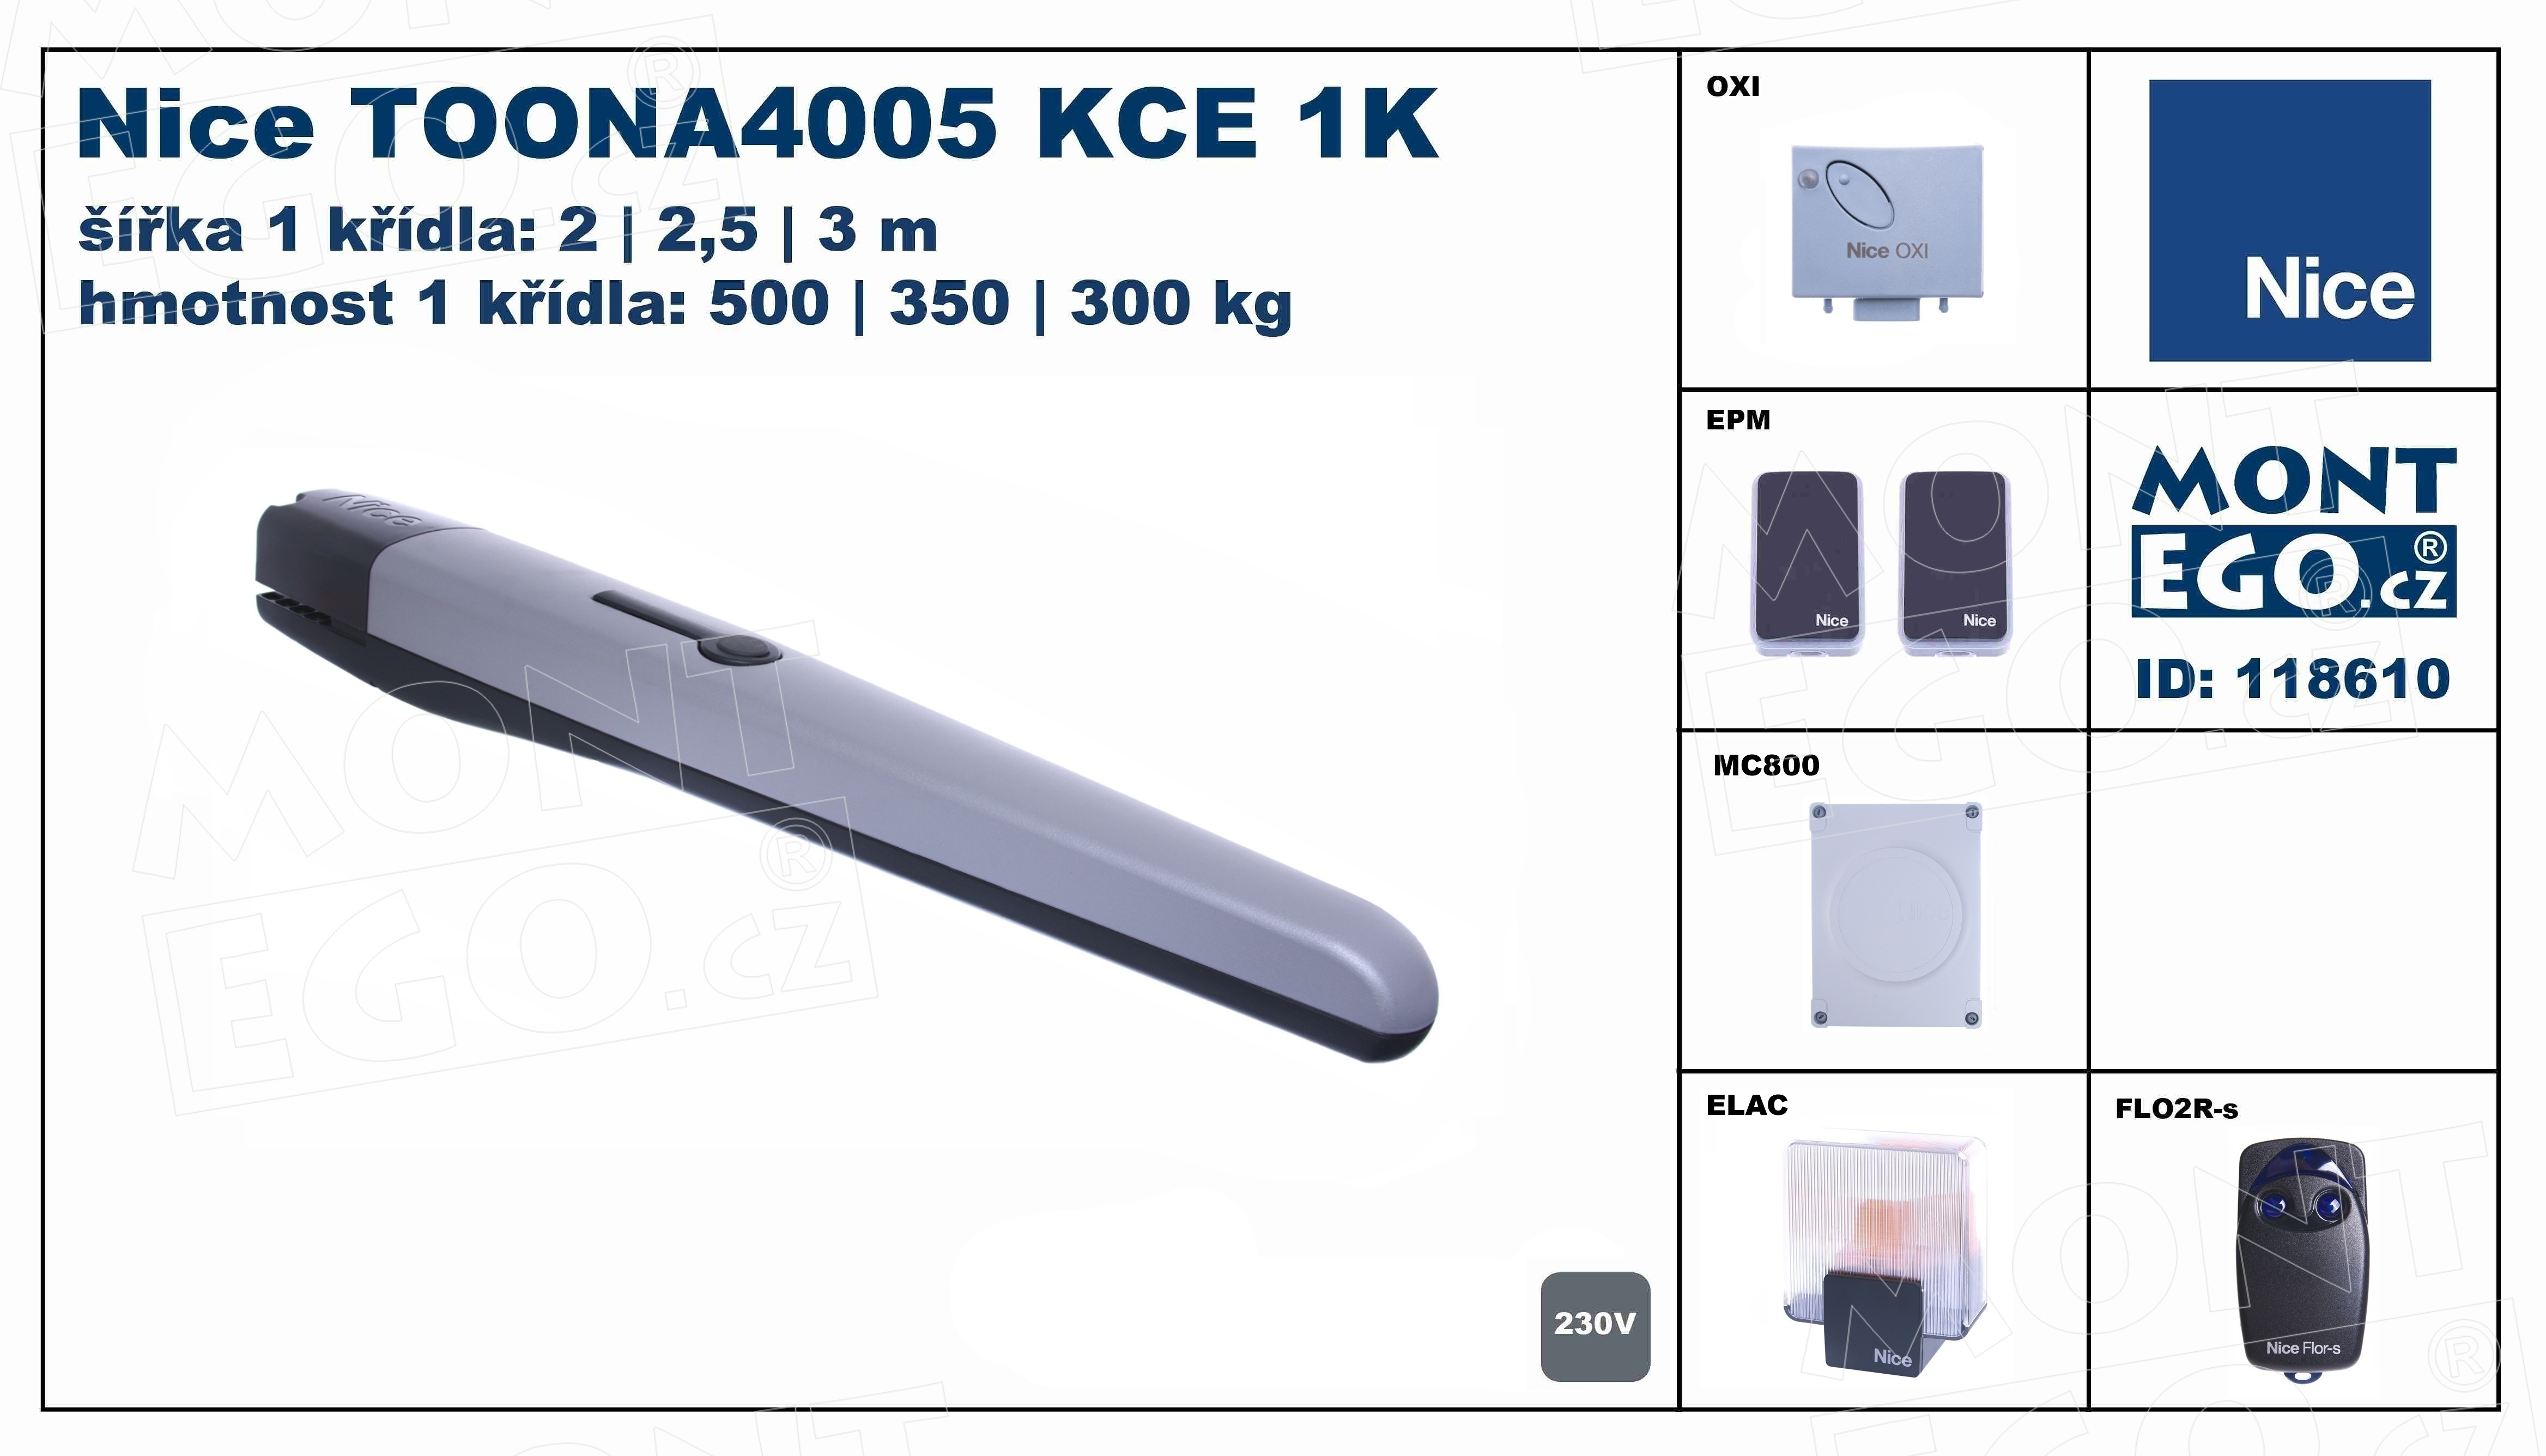 sada pohonu jednokřídlé brány TOONA4005KCE 1K do 3 m průjezdu